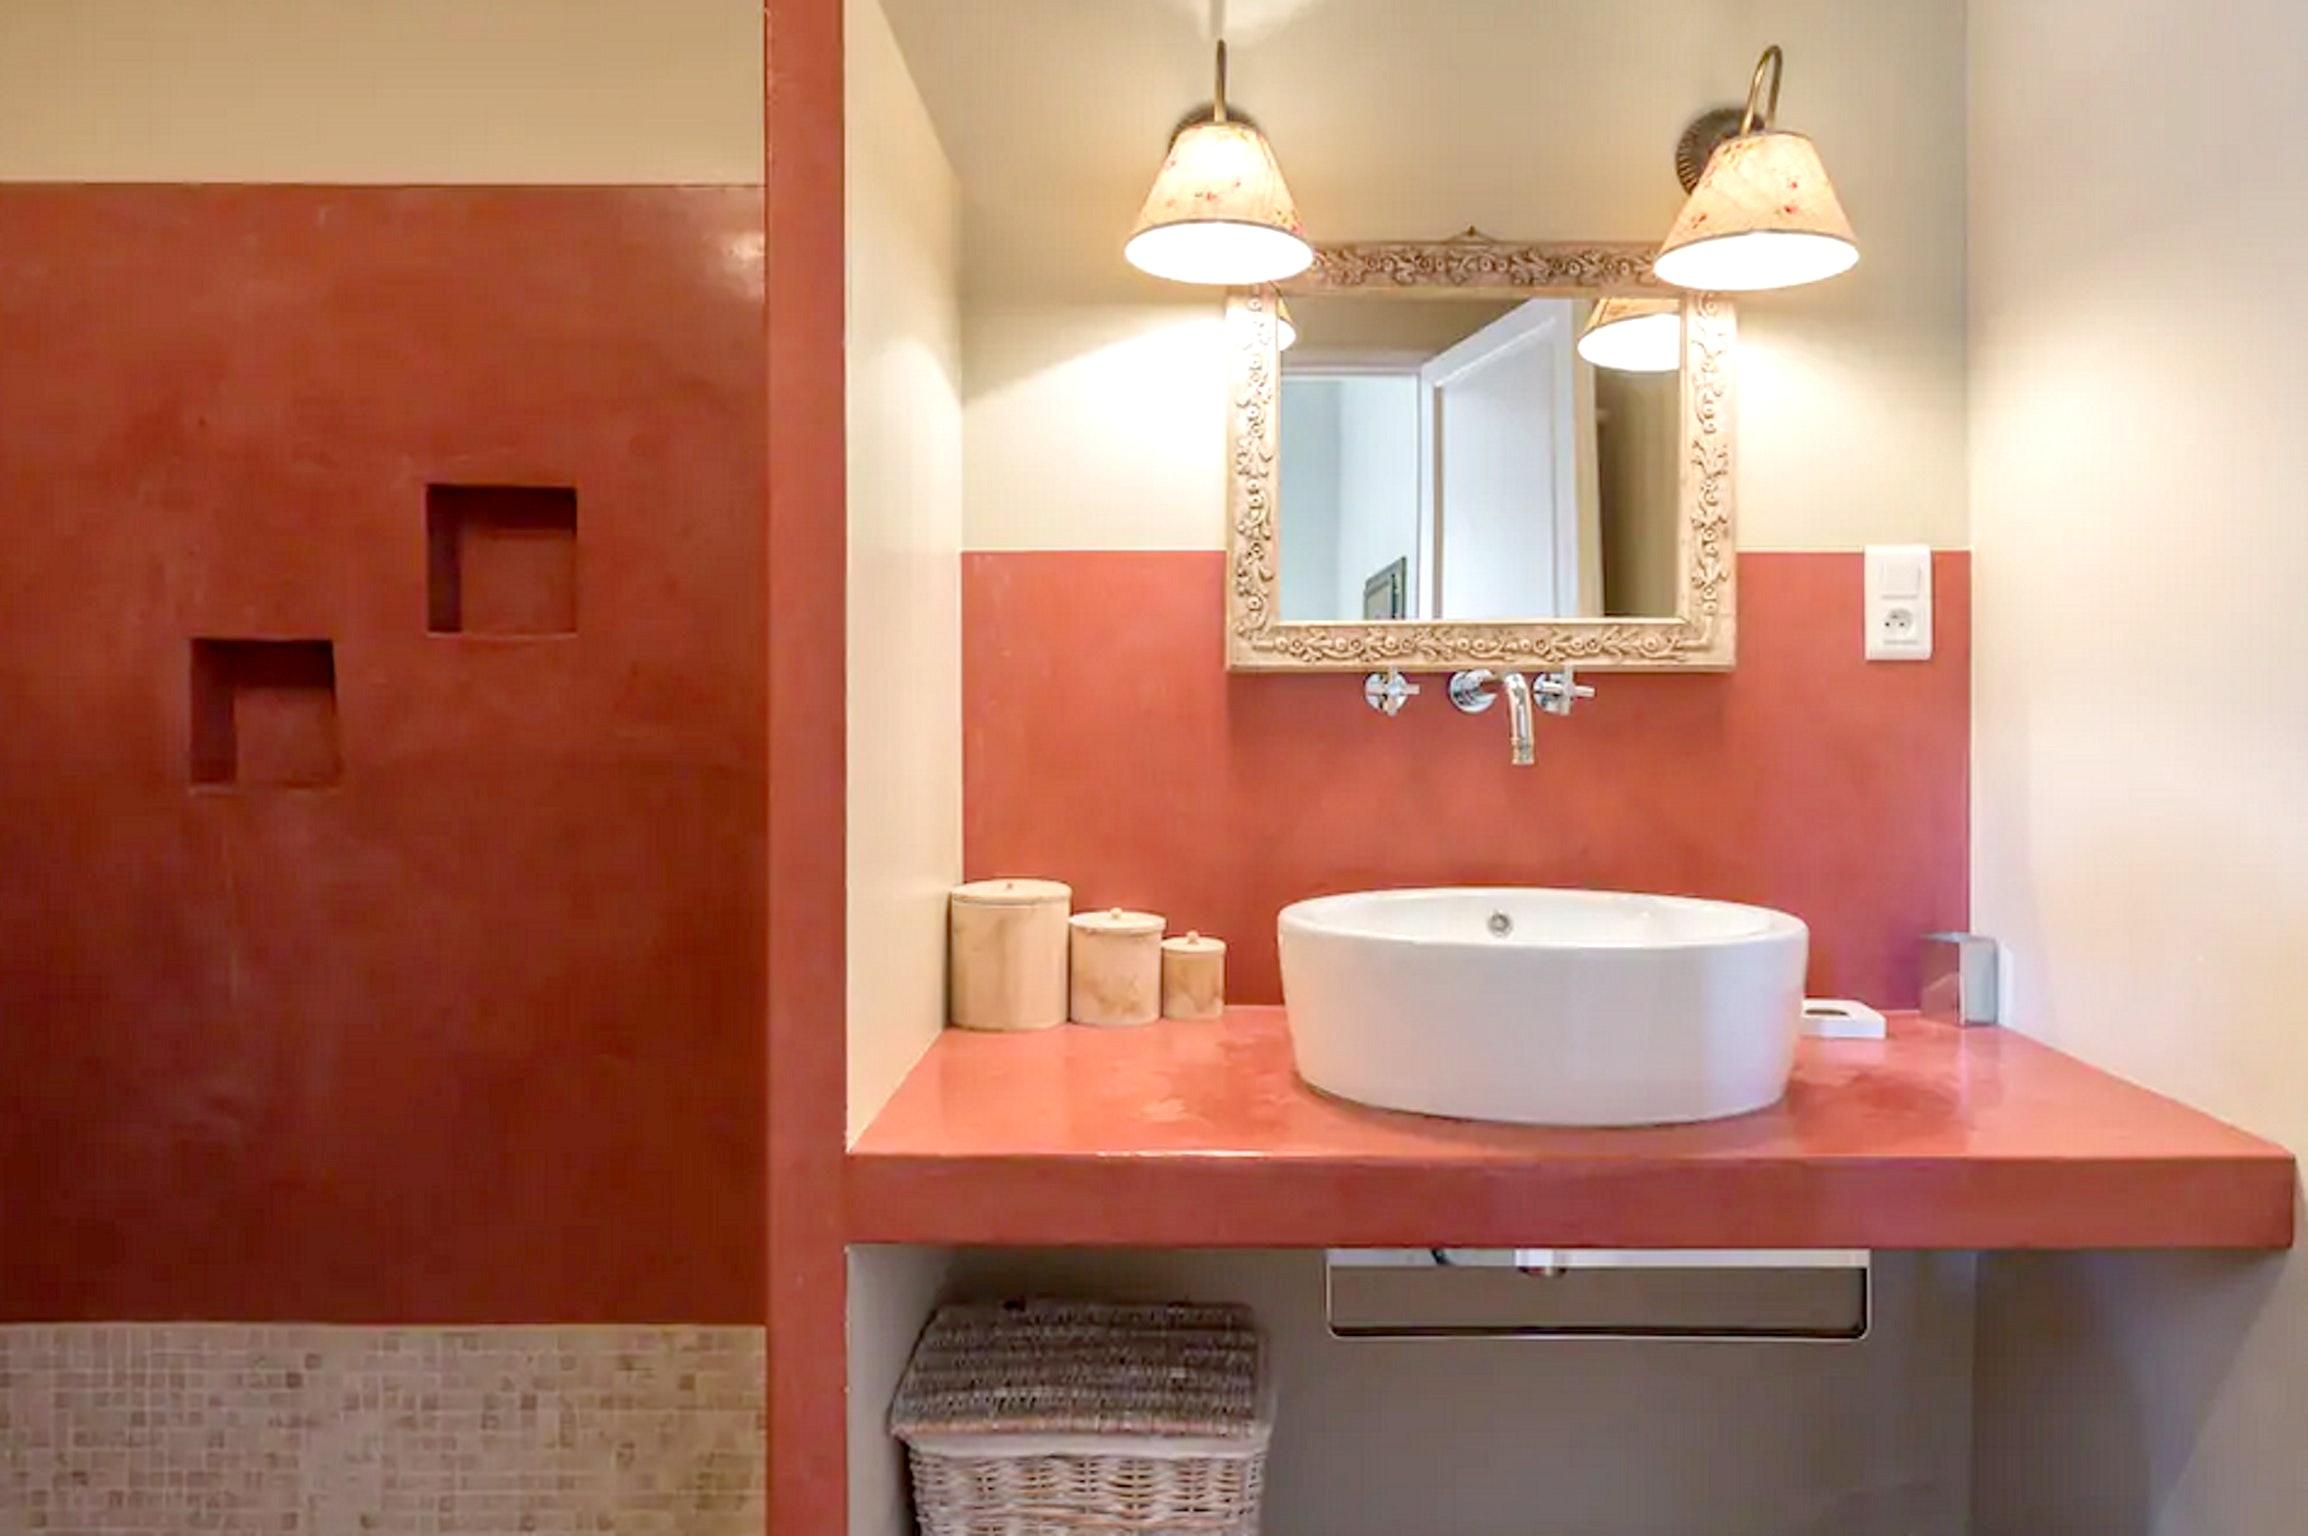 Maison de vacances Villa mit 6 Schlafzimmern in L'Isle-sur-la-Sorgue mit privatem Pool, möbliertem Garten und (2647203), L'Isle sur la Sorgue, Vaucluse, Provence - Alpes - Côte d'Azur, France, image 45